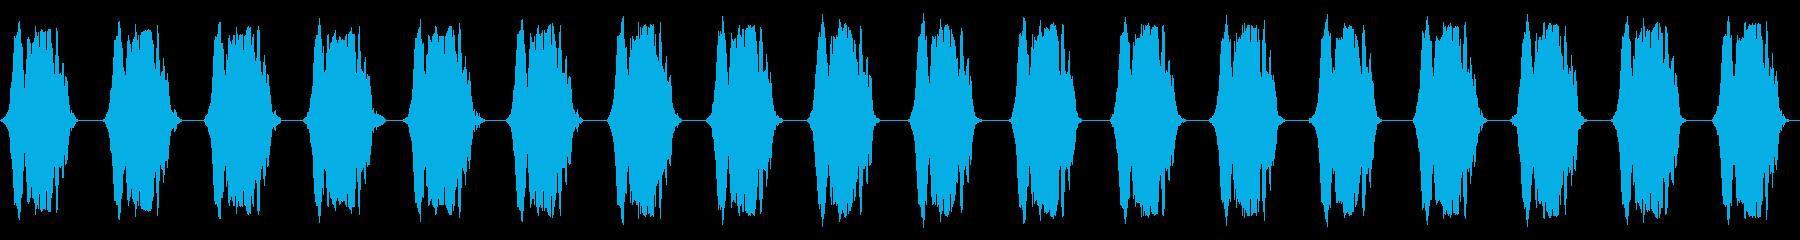 携帯電話 バイブレーション02-03(クの再生済みの波形